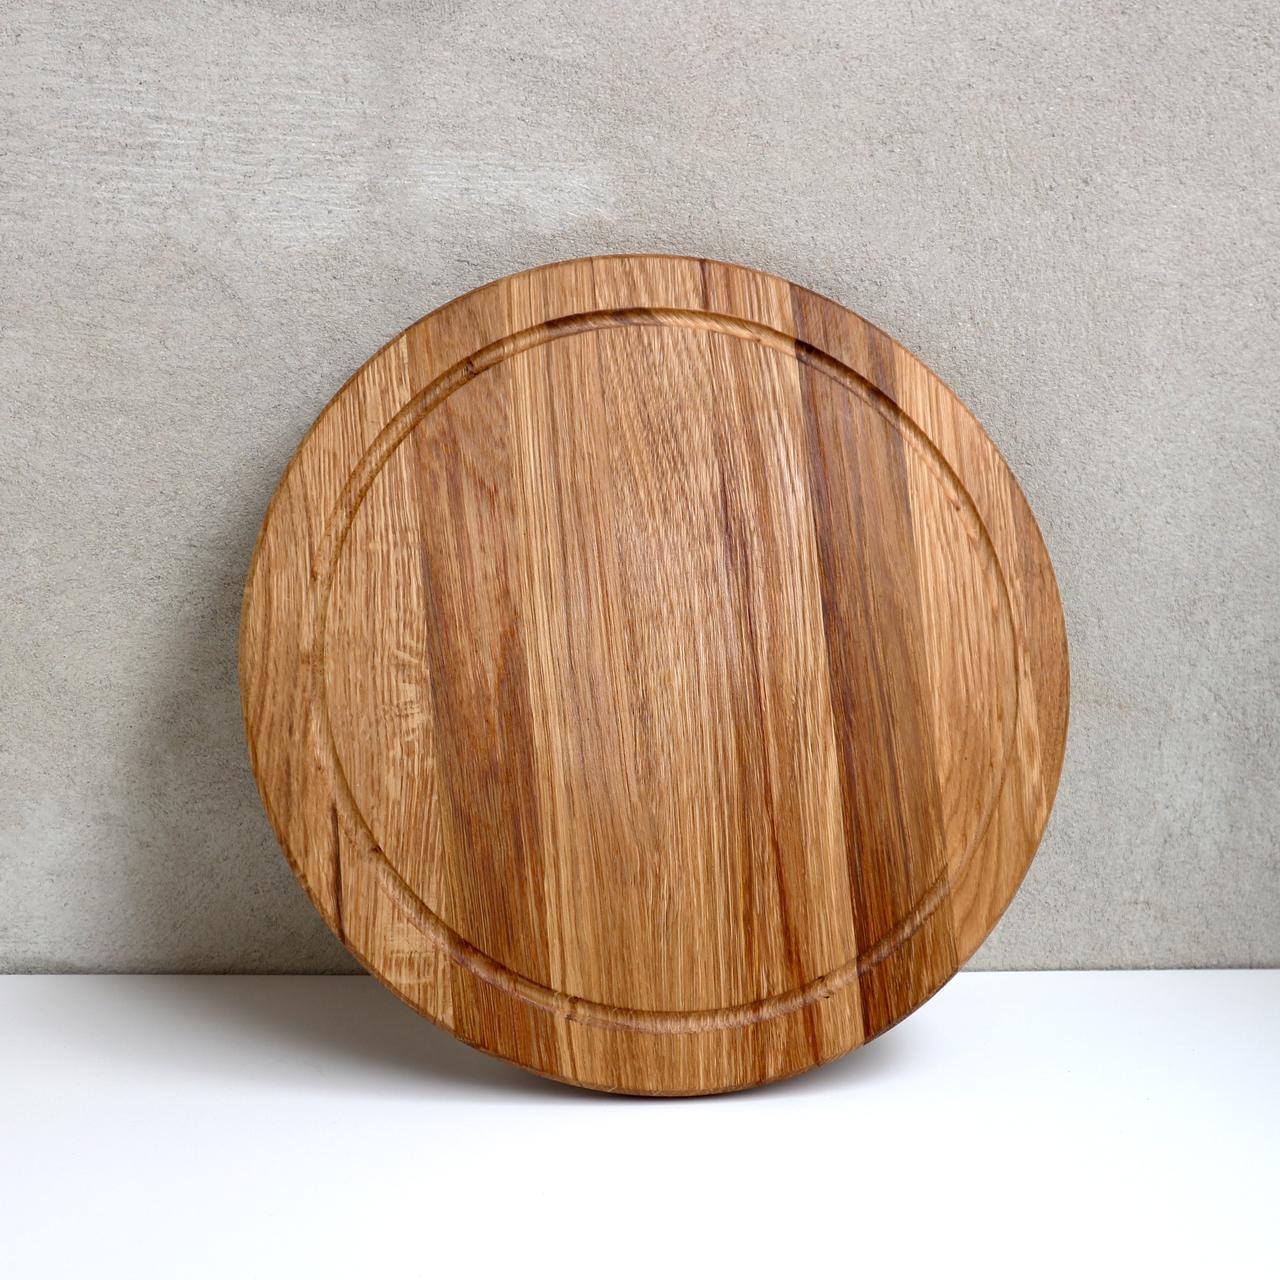 """Дерев'яна дошка для обробки з жиростоком """"Уран+"""" Дуб Lasco 28 см діаметр"""